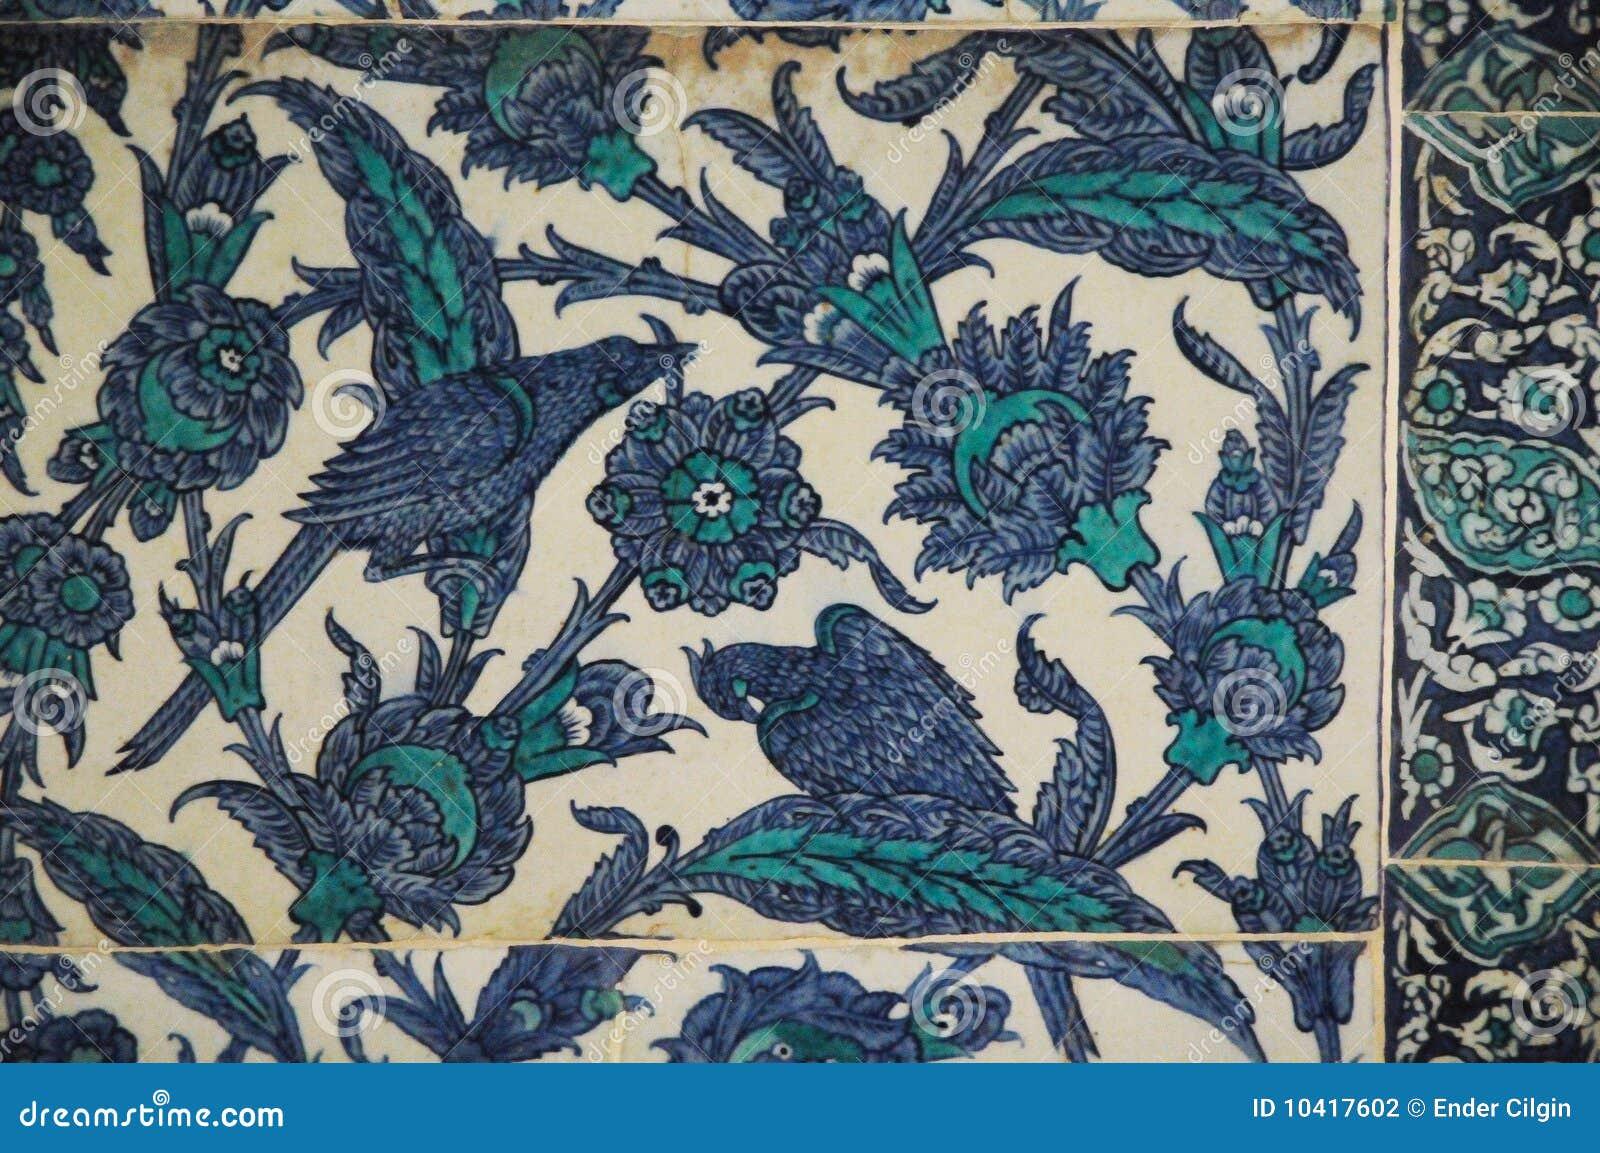 Orientalische Fliesen Stockfoto Bild Von Blume Hintergrund - Türkische fliesen online